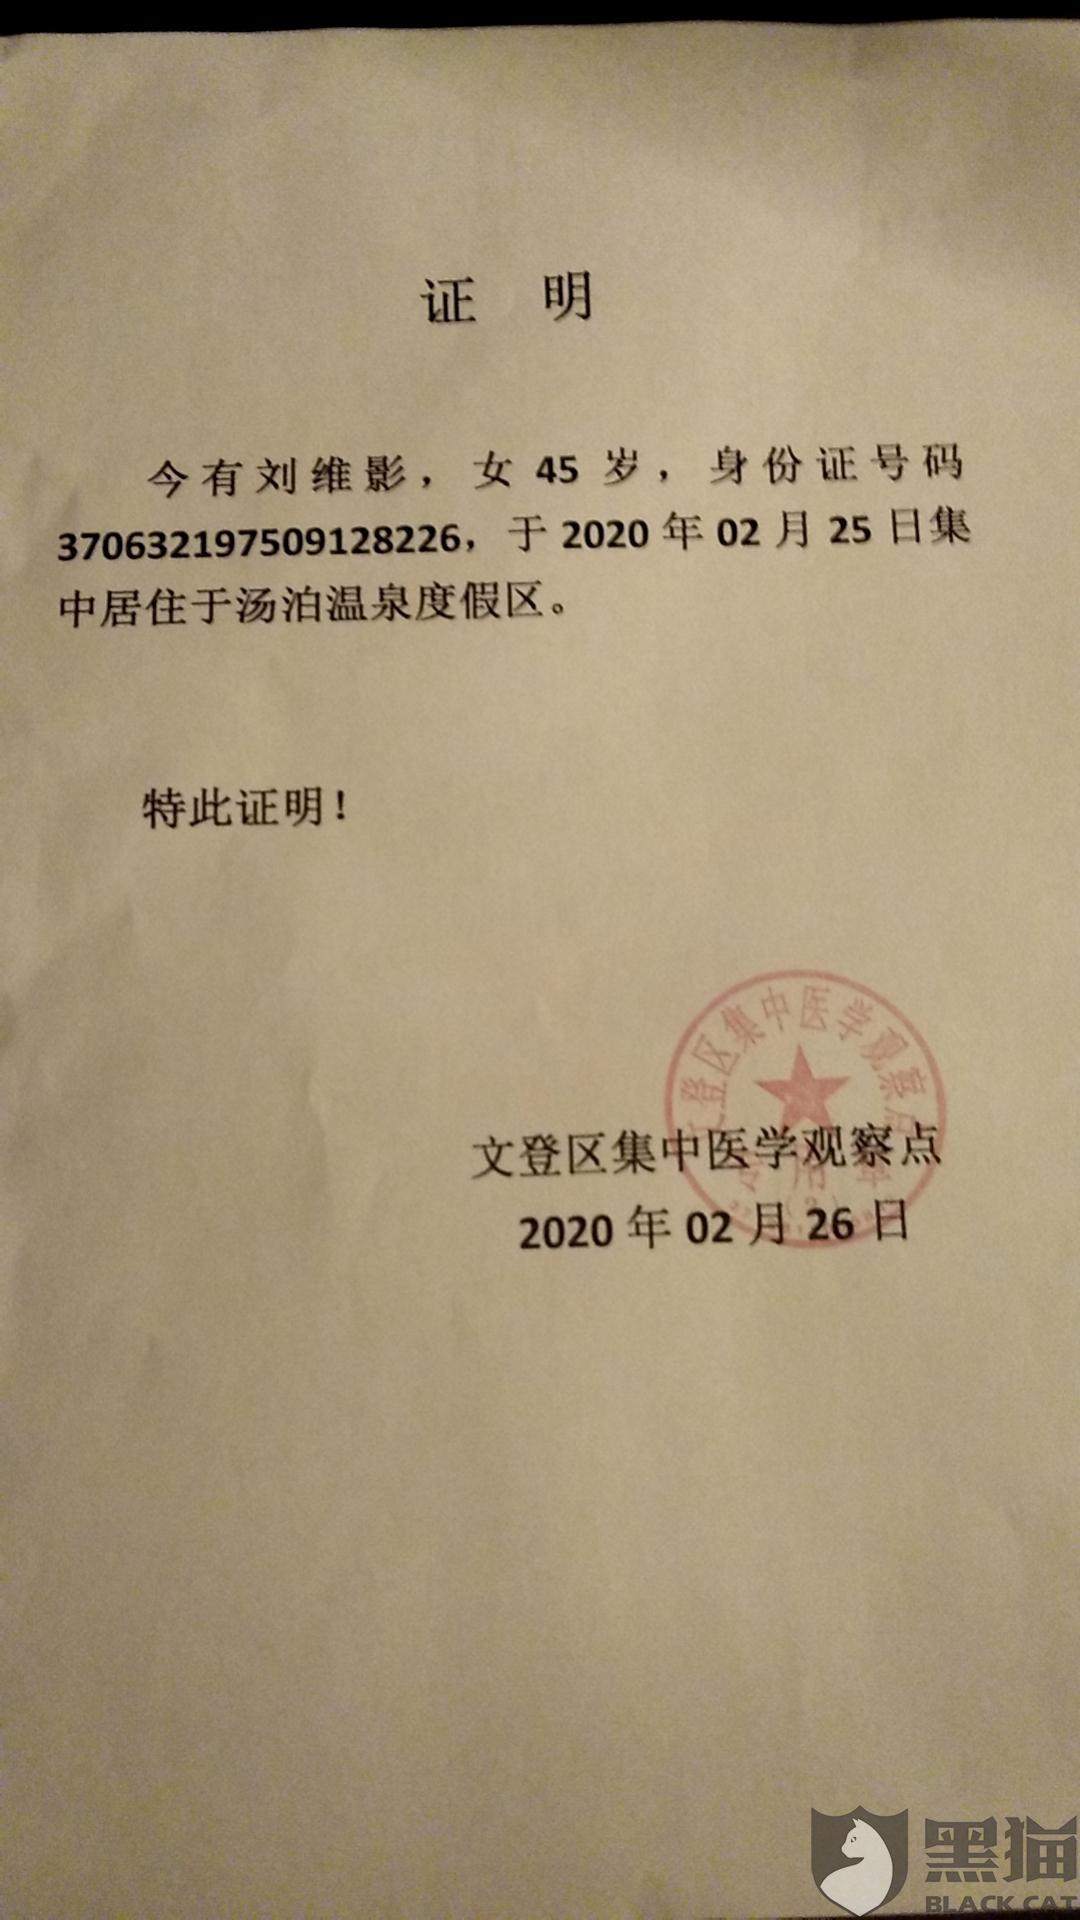 黑猫投诉:1.1月25号本人与同乘人刘维影乘坐7C8501航班由首尔到达威海文登大水泊机场